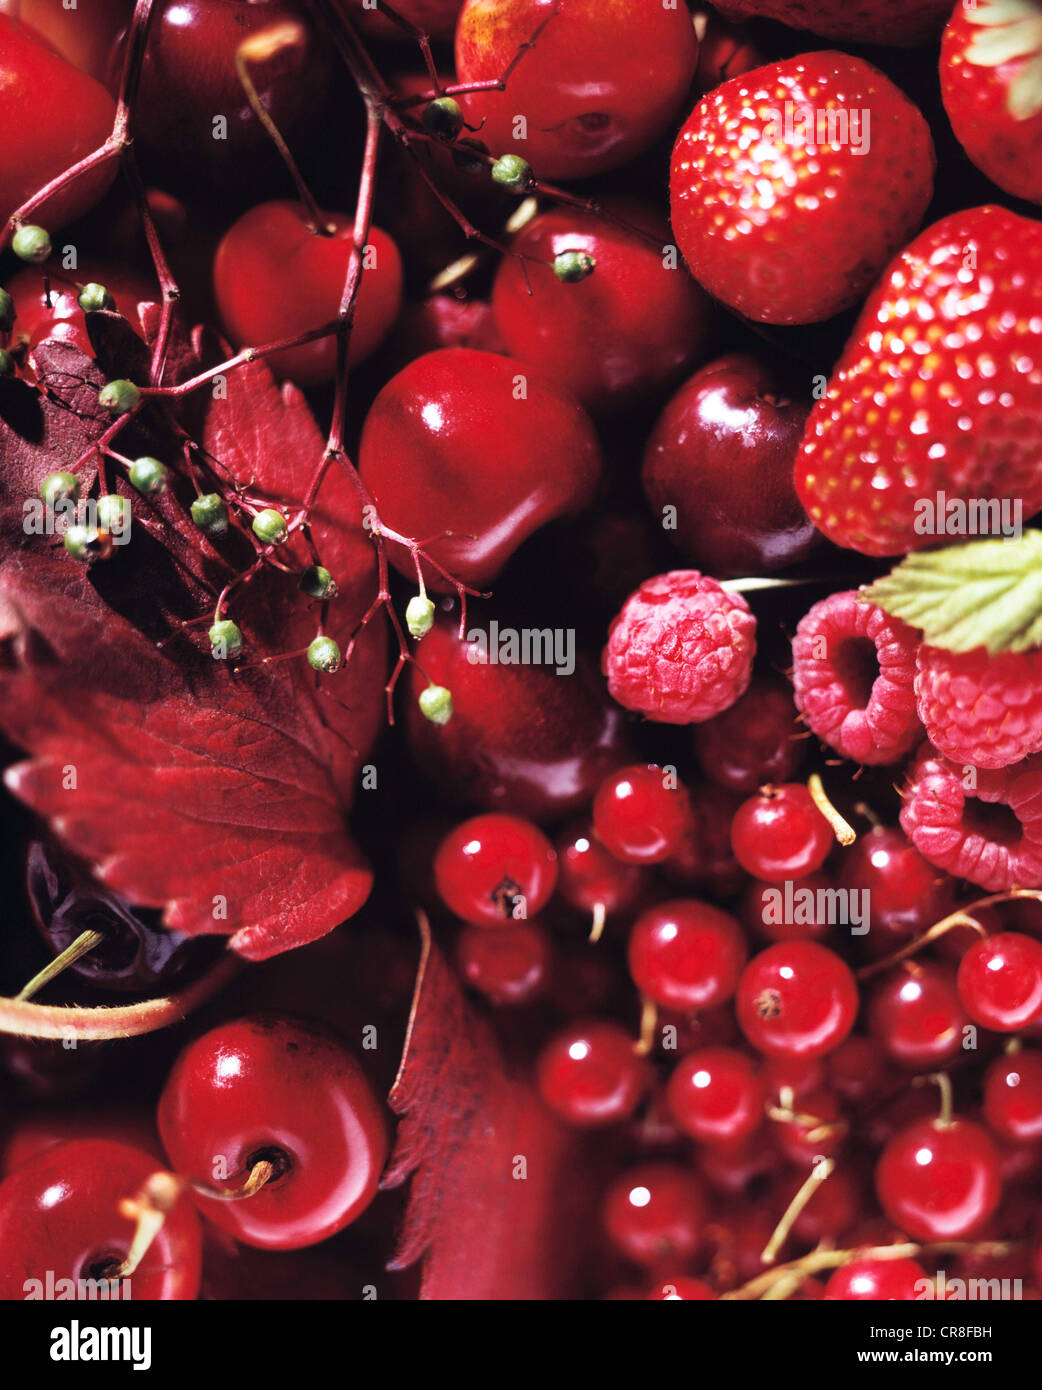 Berry fruits, full frame - Stock Image